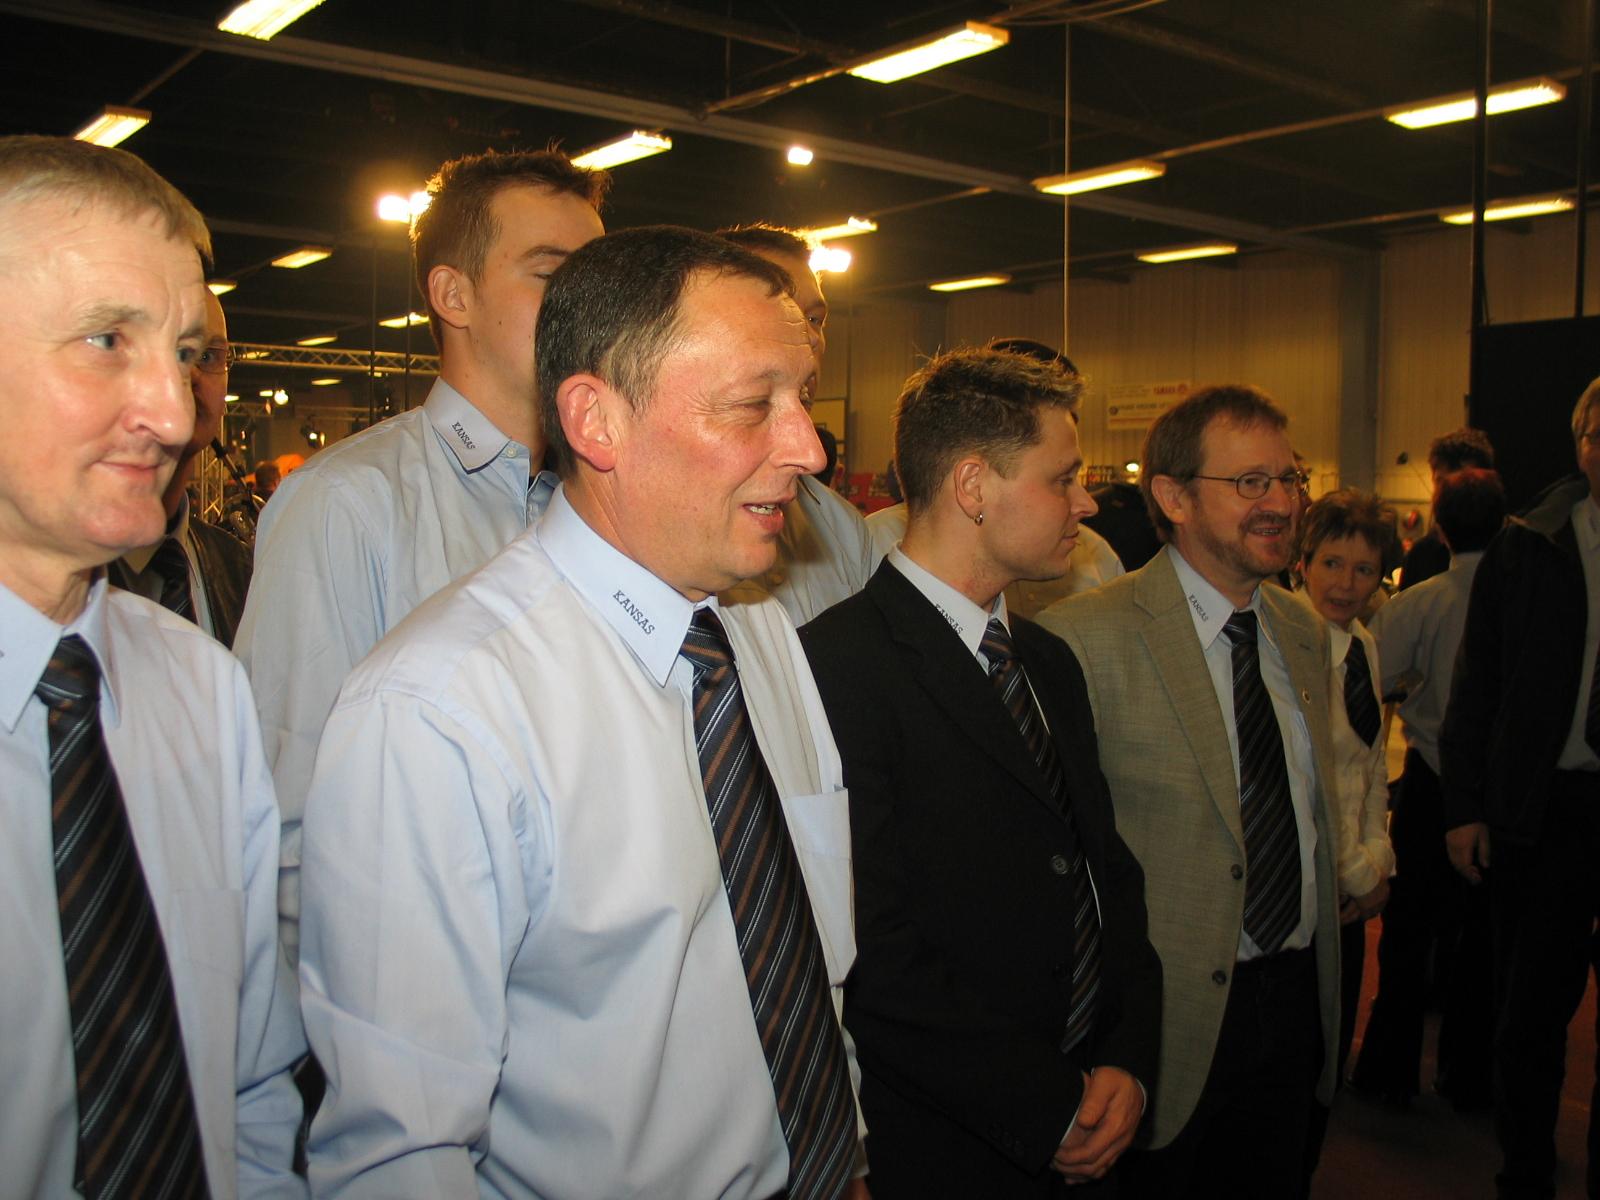 Krause, Bent A., Heine og Bent J. i forreste række.